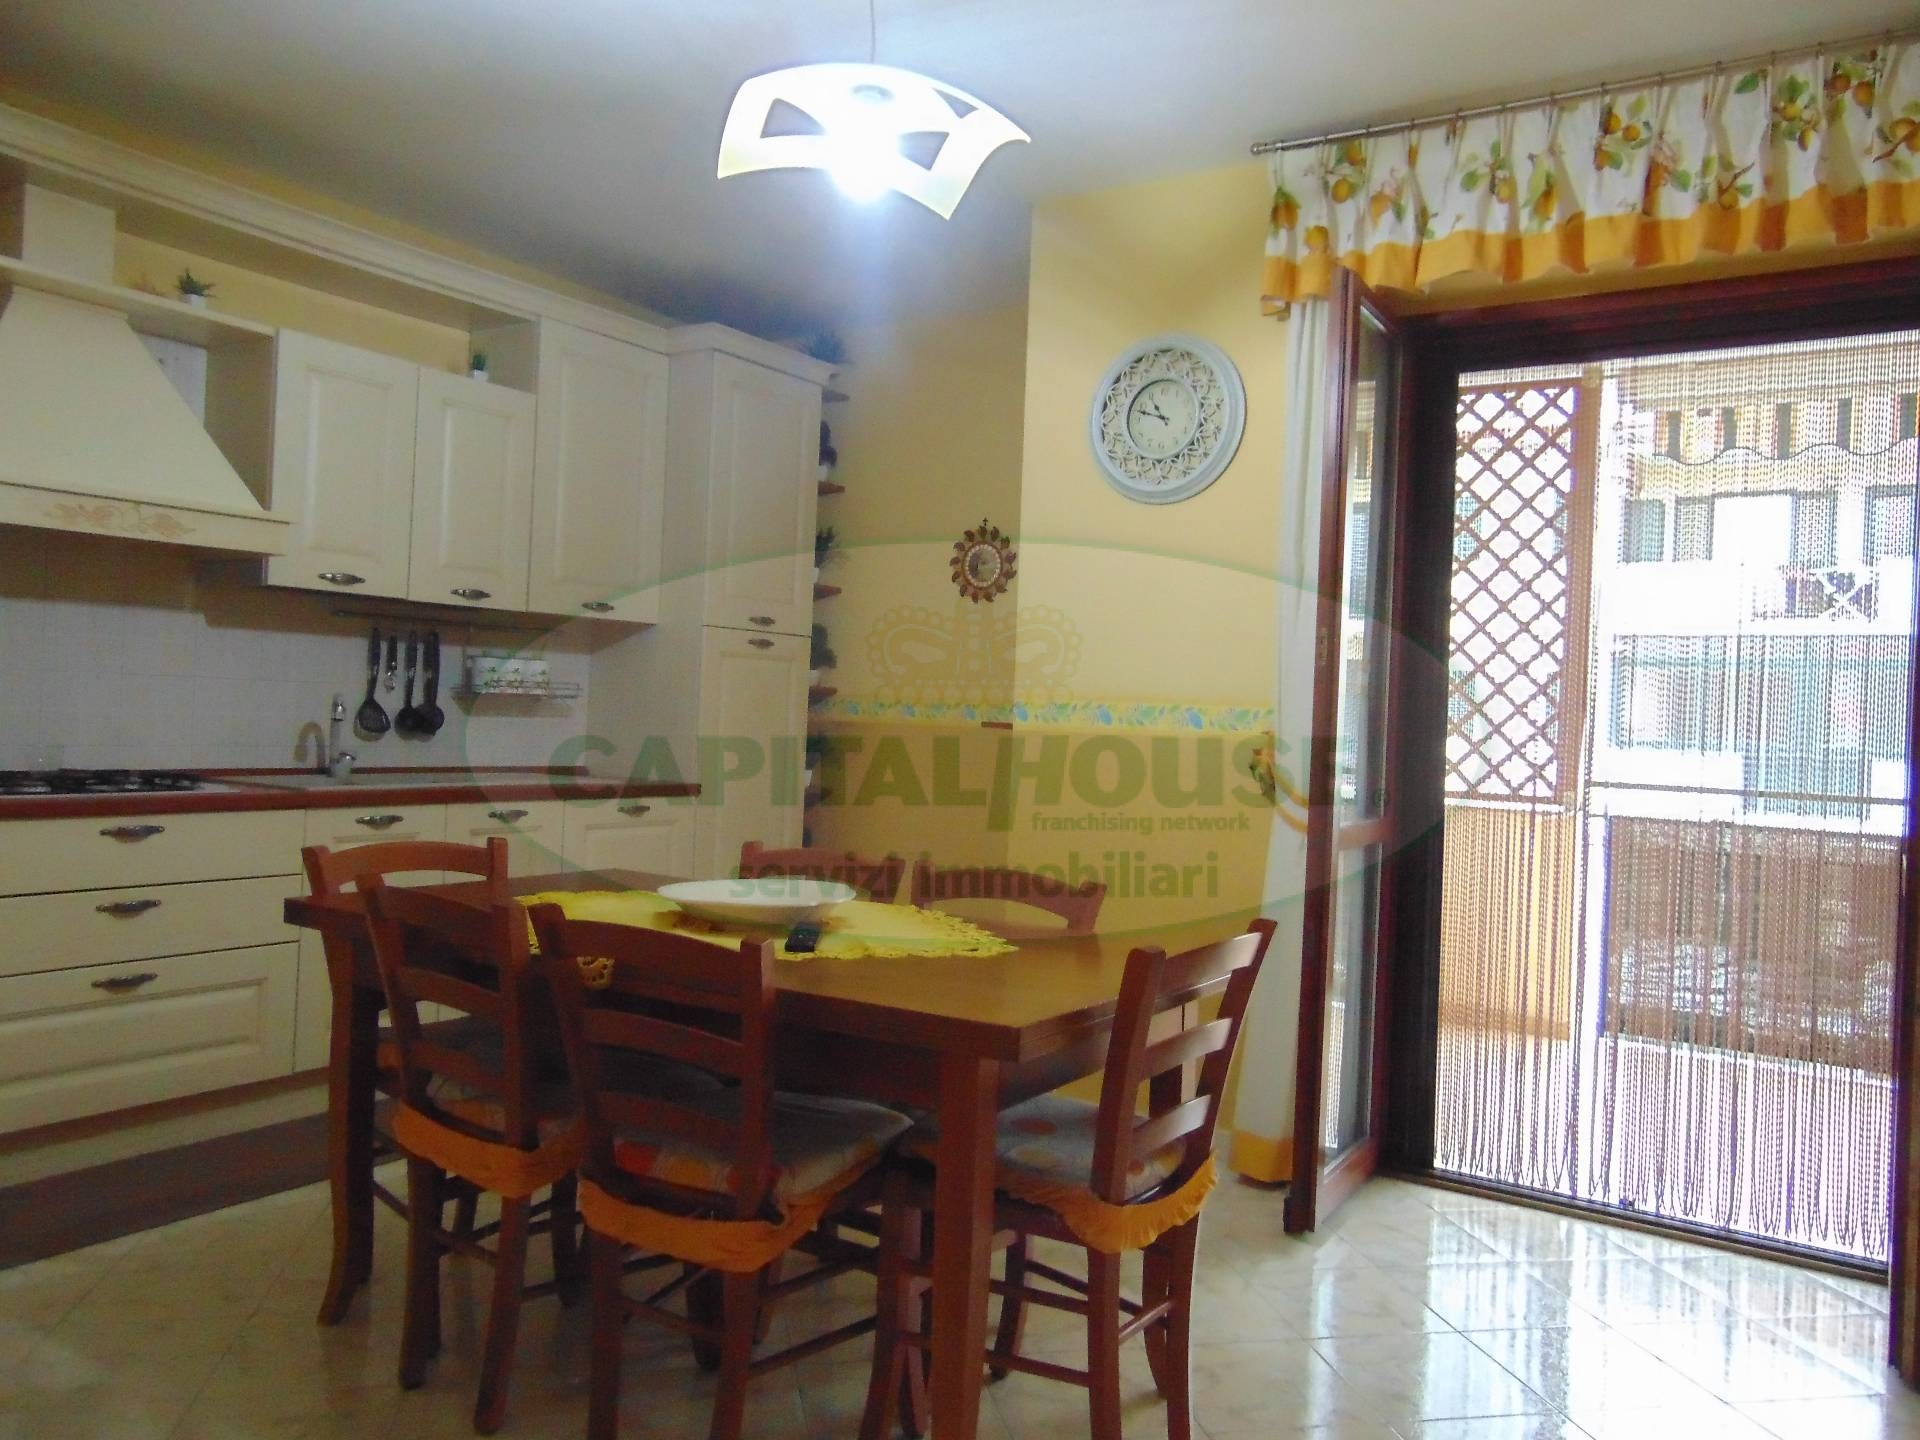 Appartamento in vendita a San Prisco, 4 locali, zona Località: ZonaPiscina, prezzo € 175.000 | CambioCasa.it